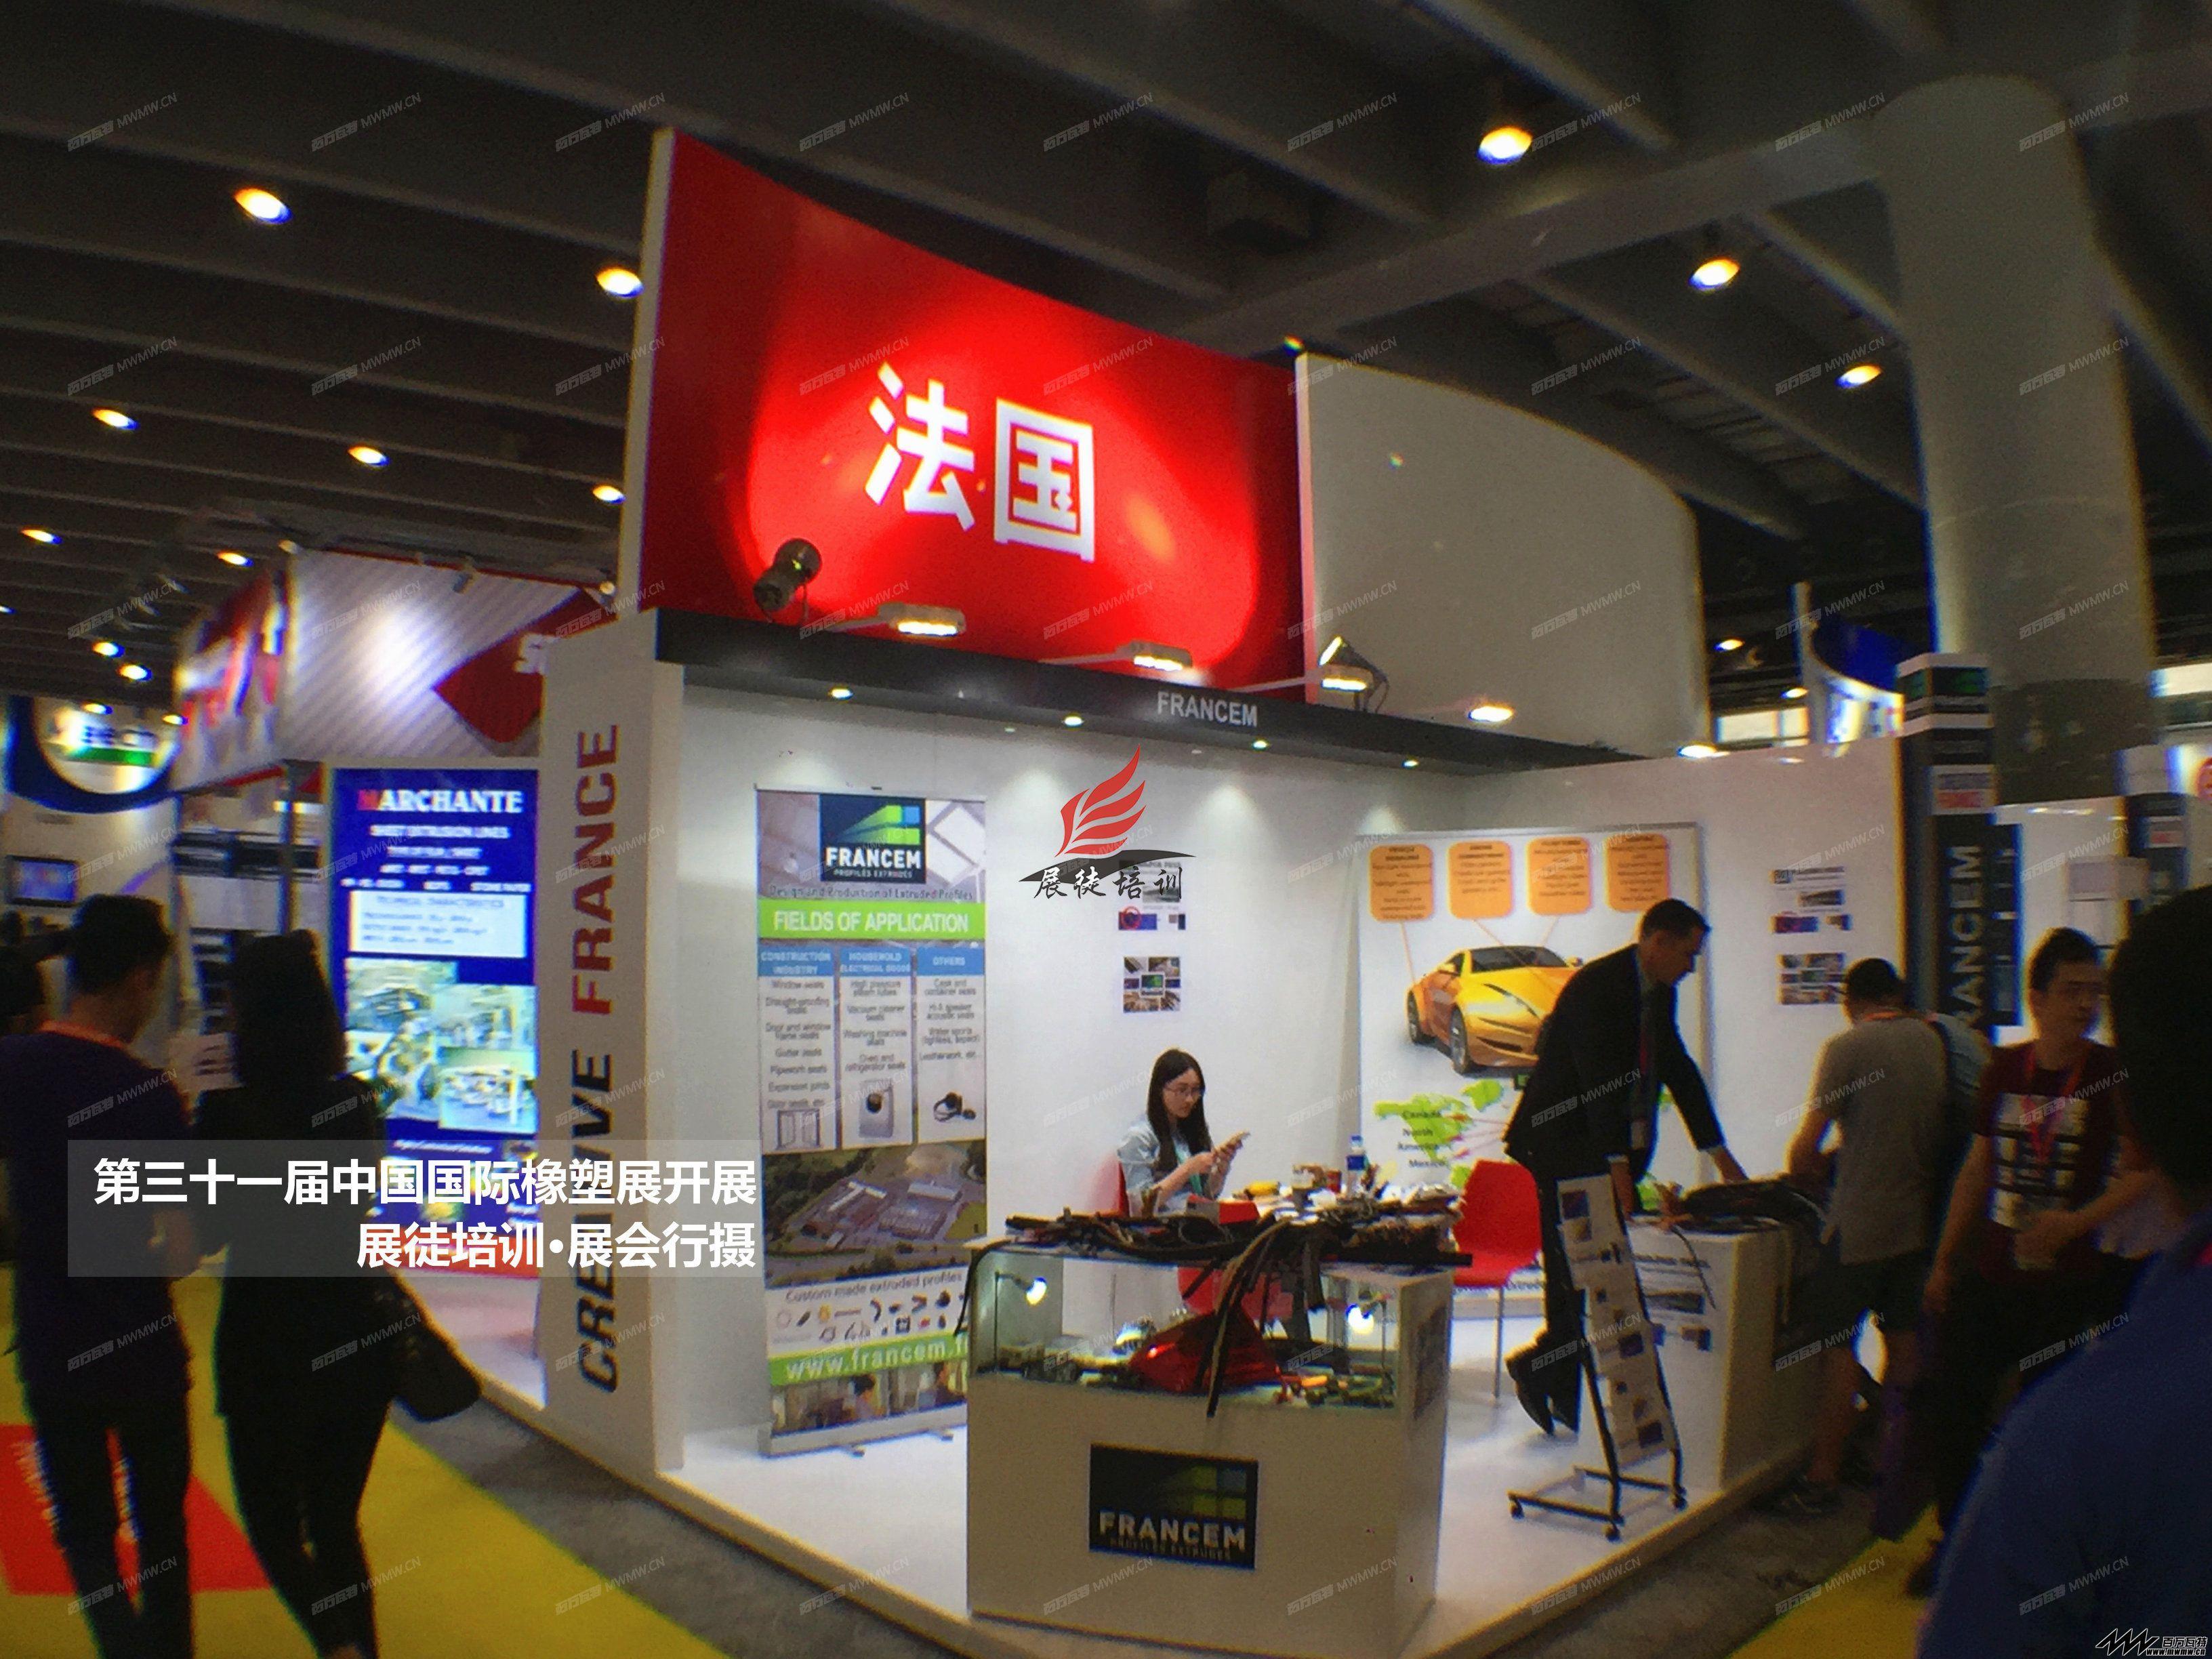 2017第三十一届中国国际橡塑展·展徒培训·展会行摄 (49) - 副本.JPG